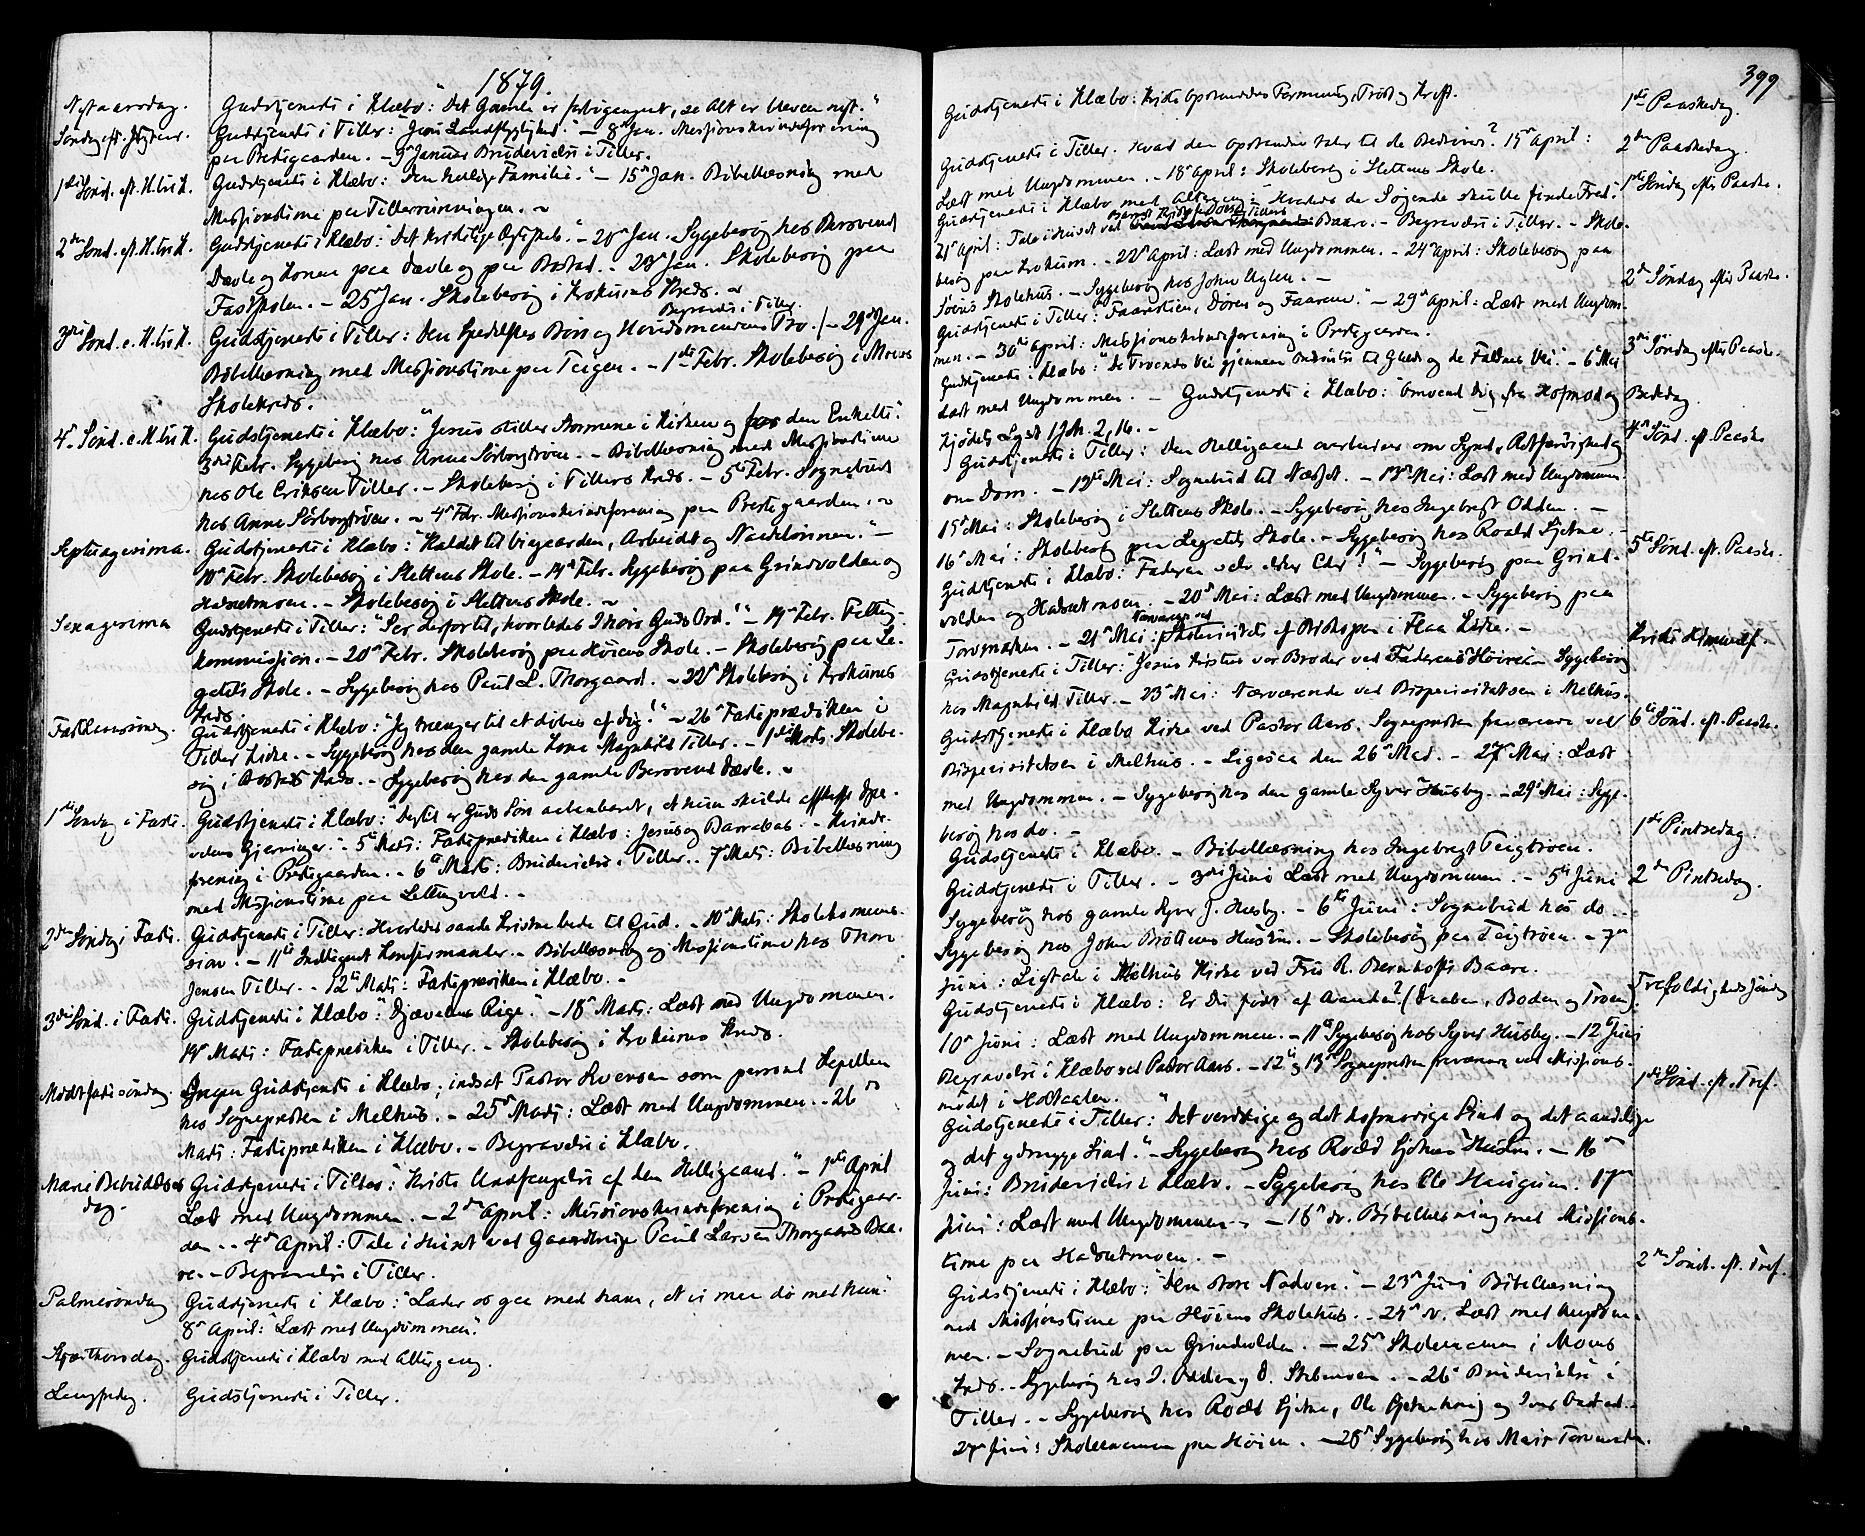 SAT, Ministerialprotokoller, klokkerbøker og fødselsregistre - Sør-Trøndelag, 618/L0442: Ministerialbok nr. 618A06 /1, 1863-1879, s. 399